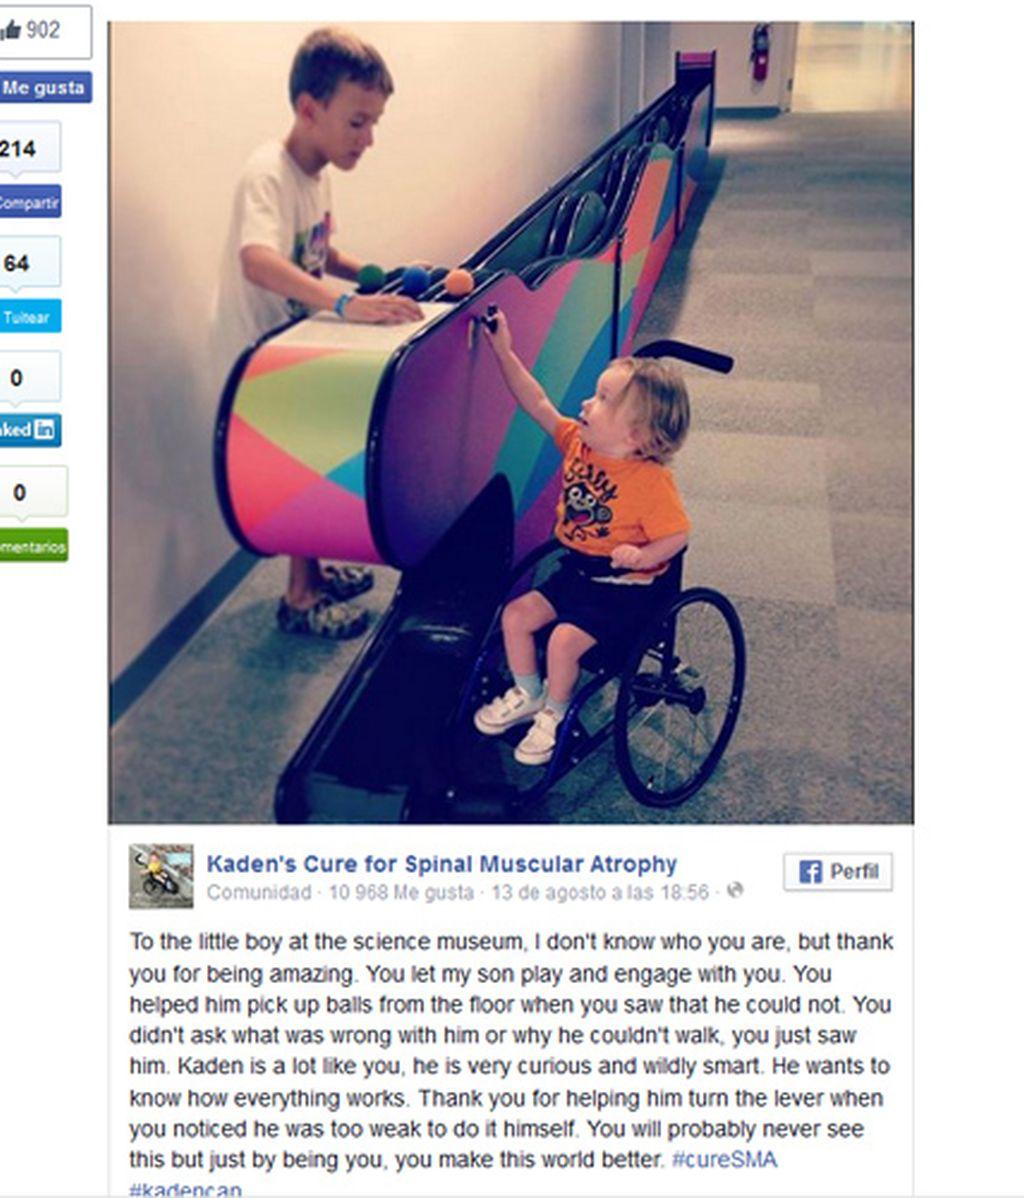 La foto de un niño que atiende a otro con discapacidad sin diferencia alguna se convierte en viral